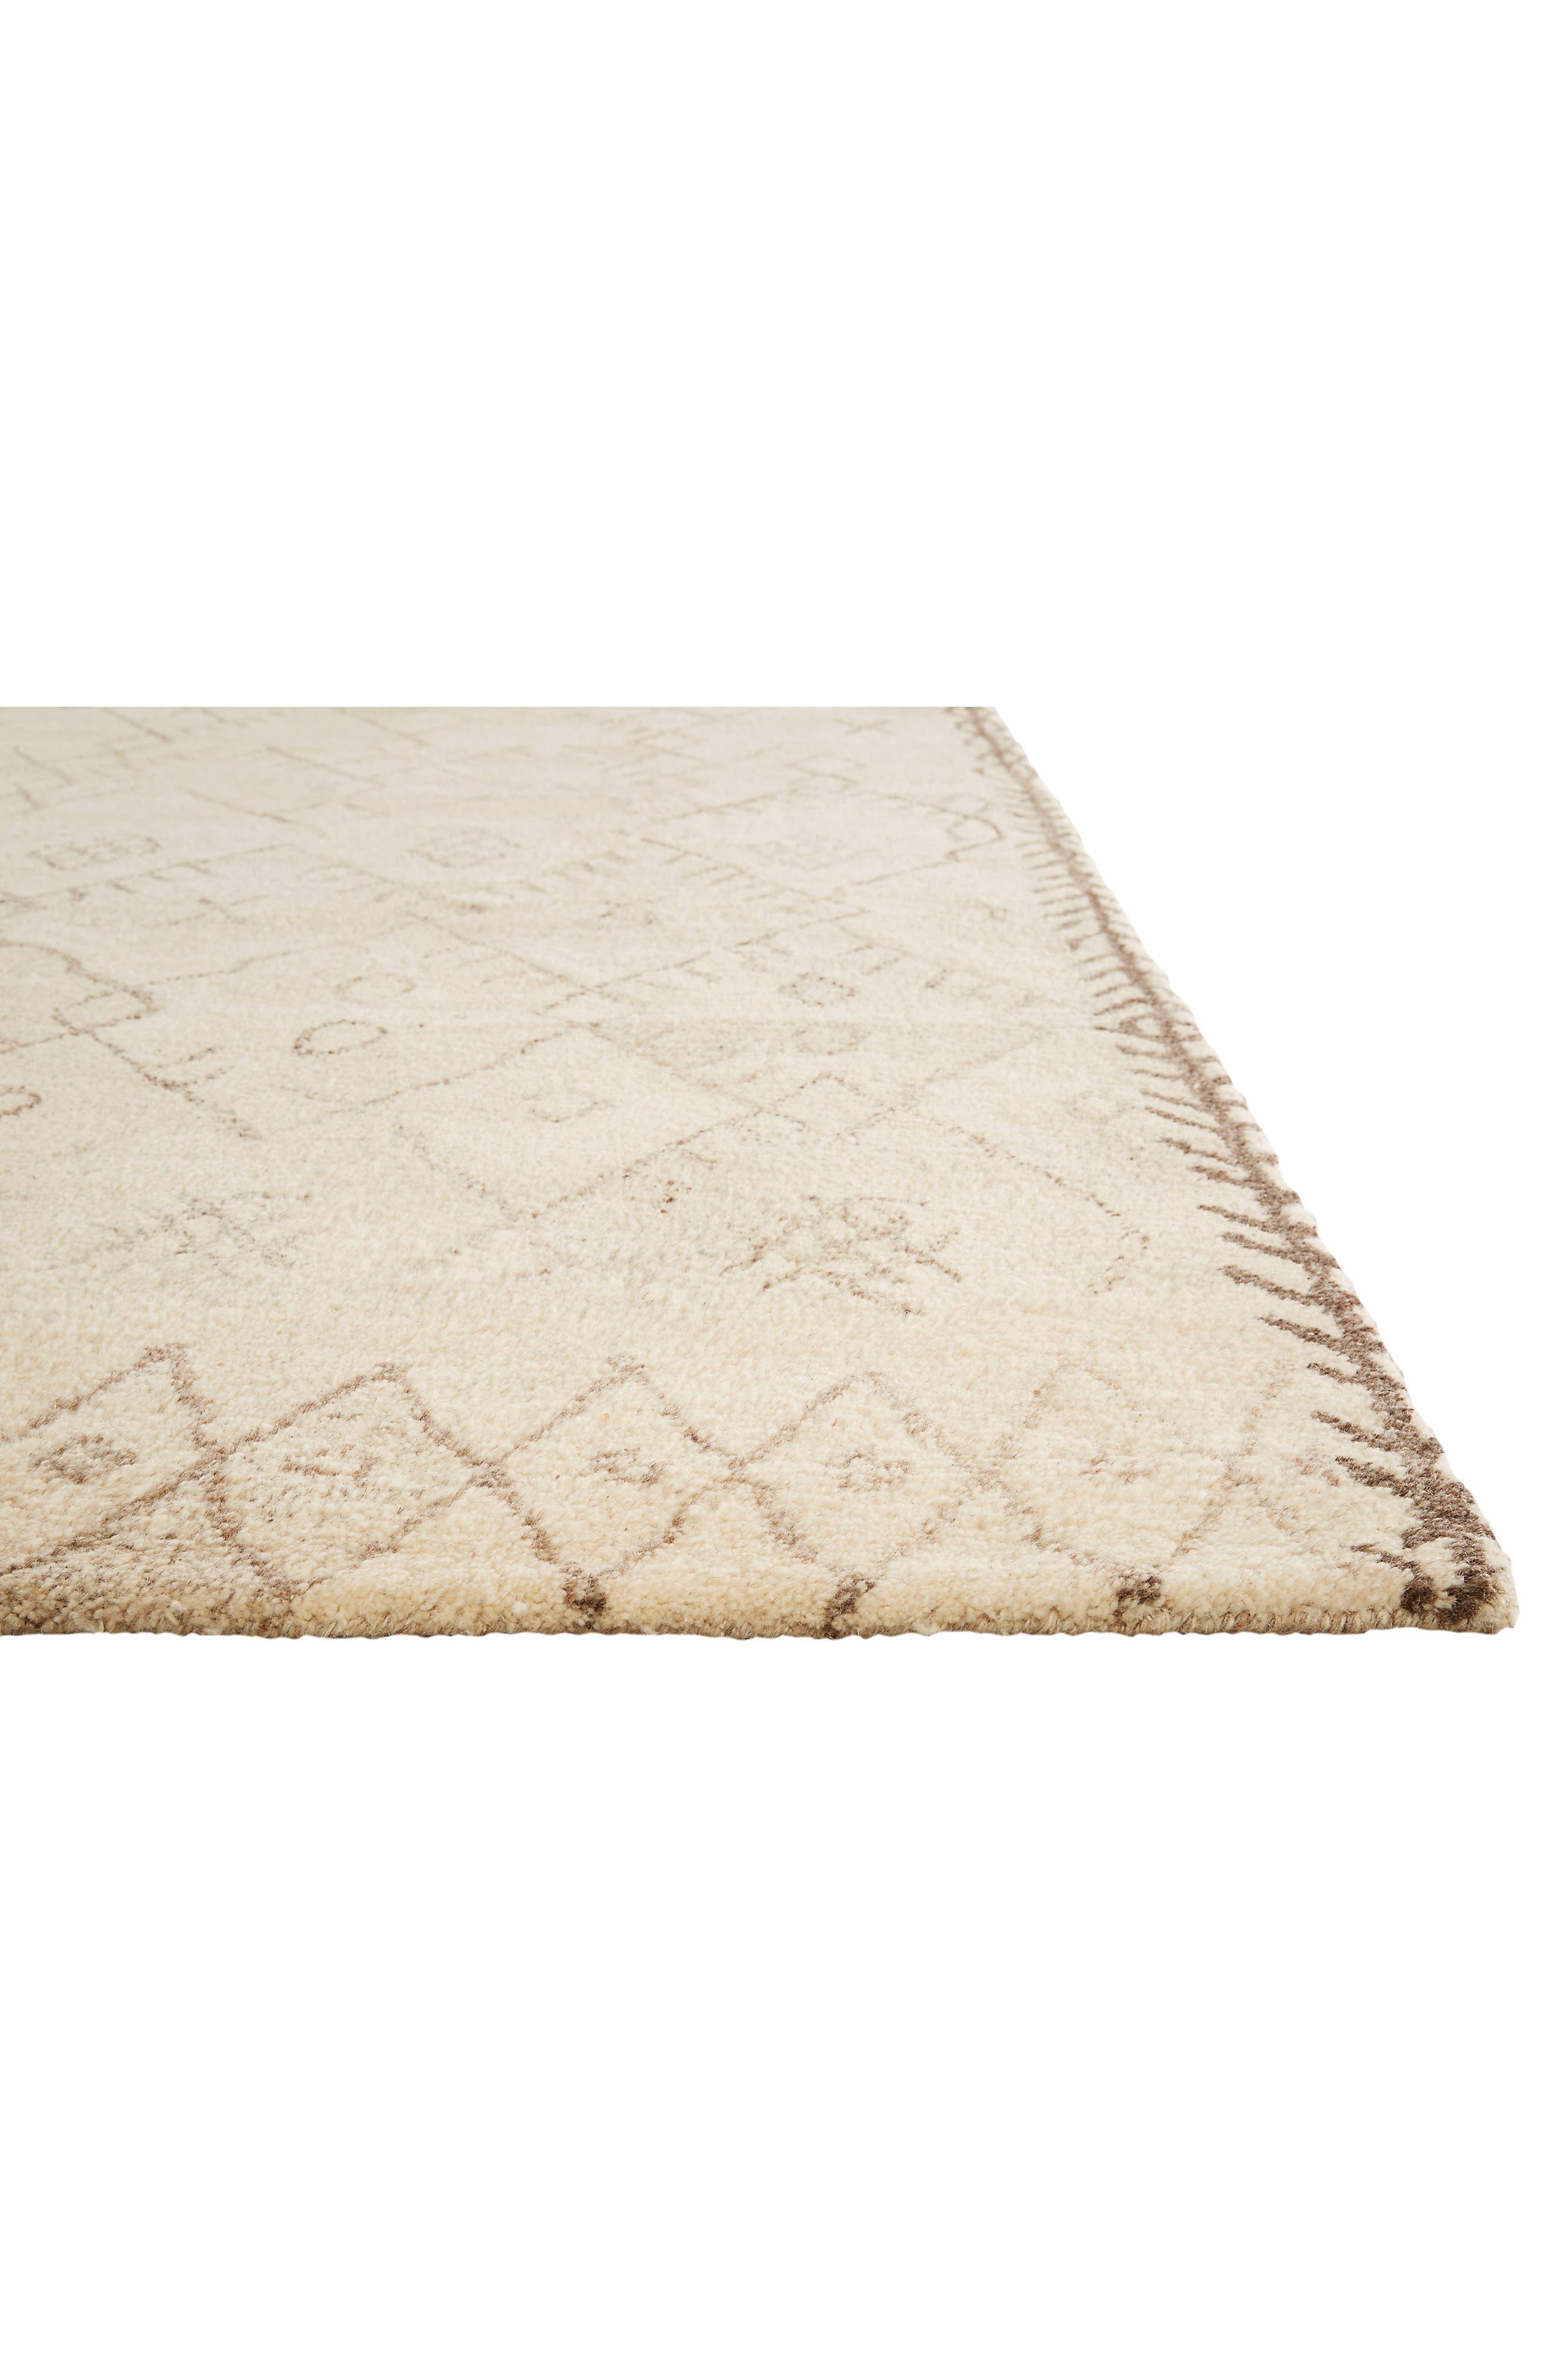 Geo Pattern Wool Rug,                             Alternate thumbnail 3, color,                             250